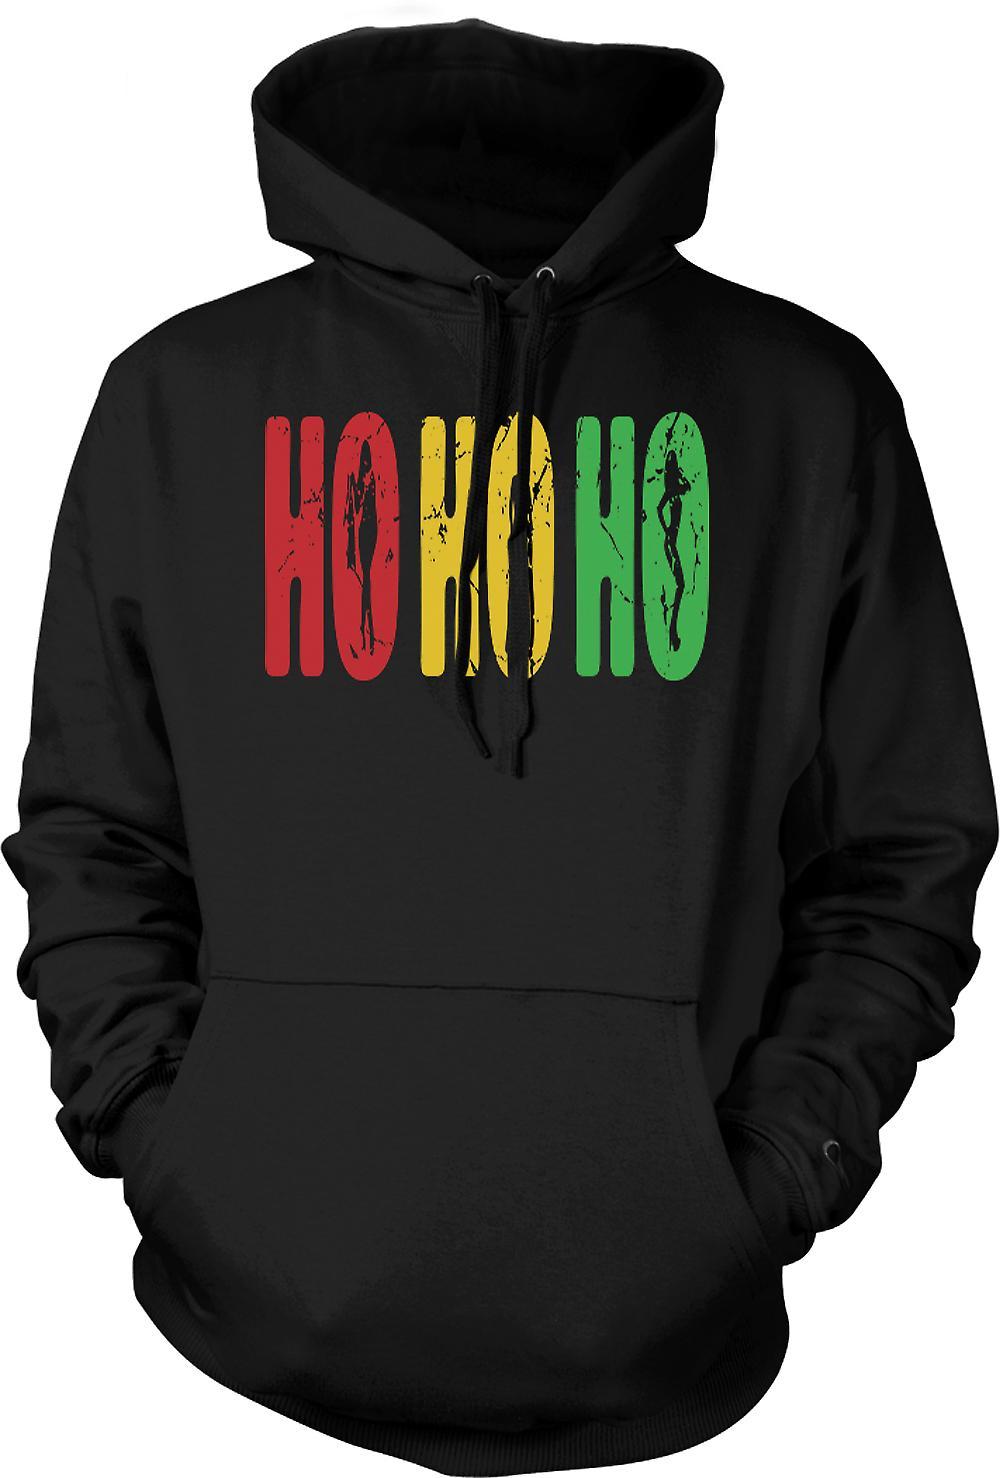 Mens Hoodie - Ho Ho Ho - Funny But Crude Santa